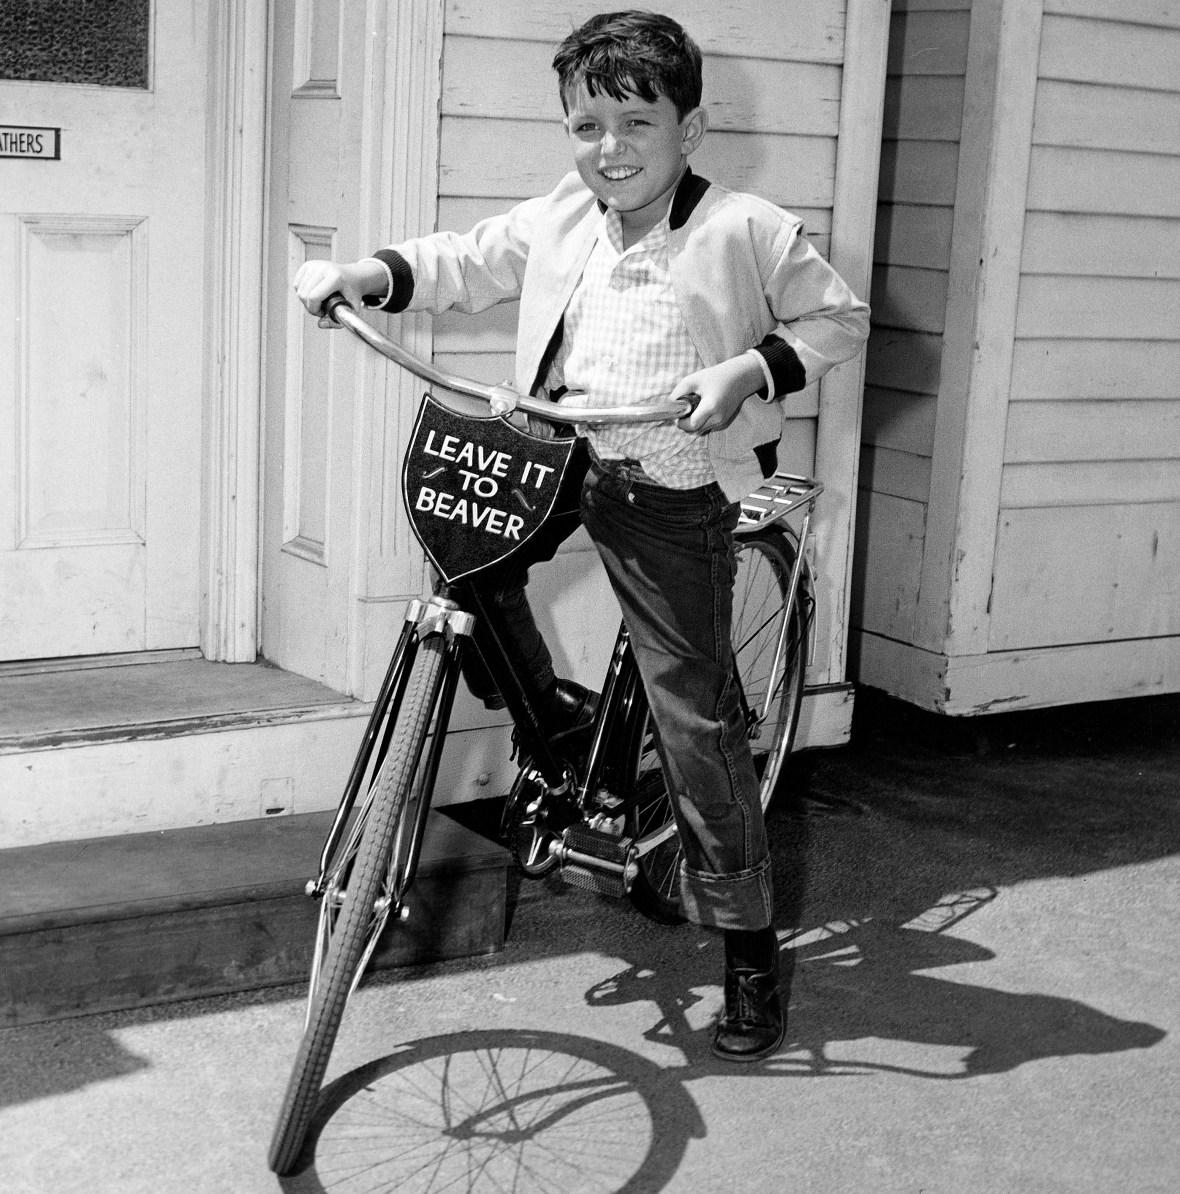 jerry mathers - bike